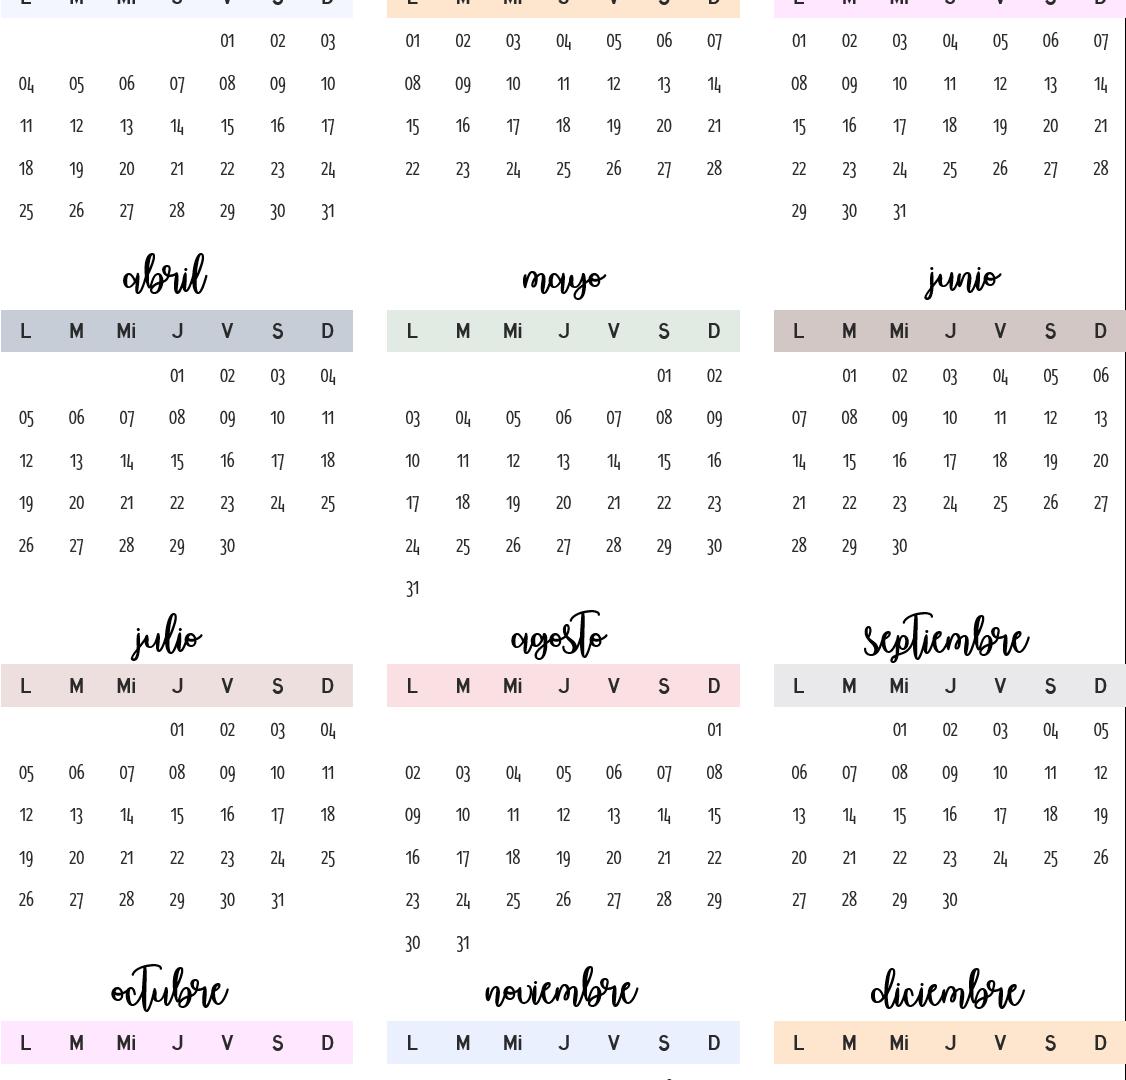 calendar2021esp.png